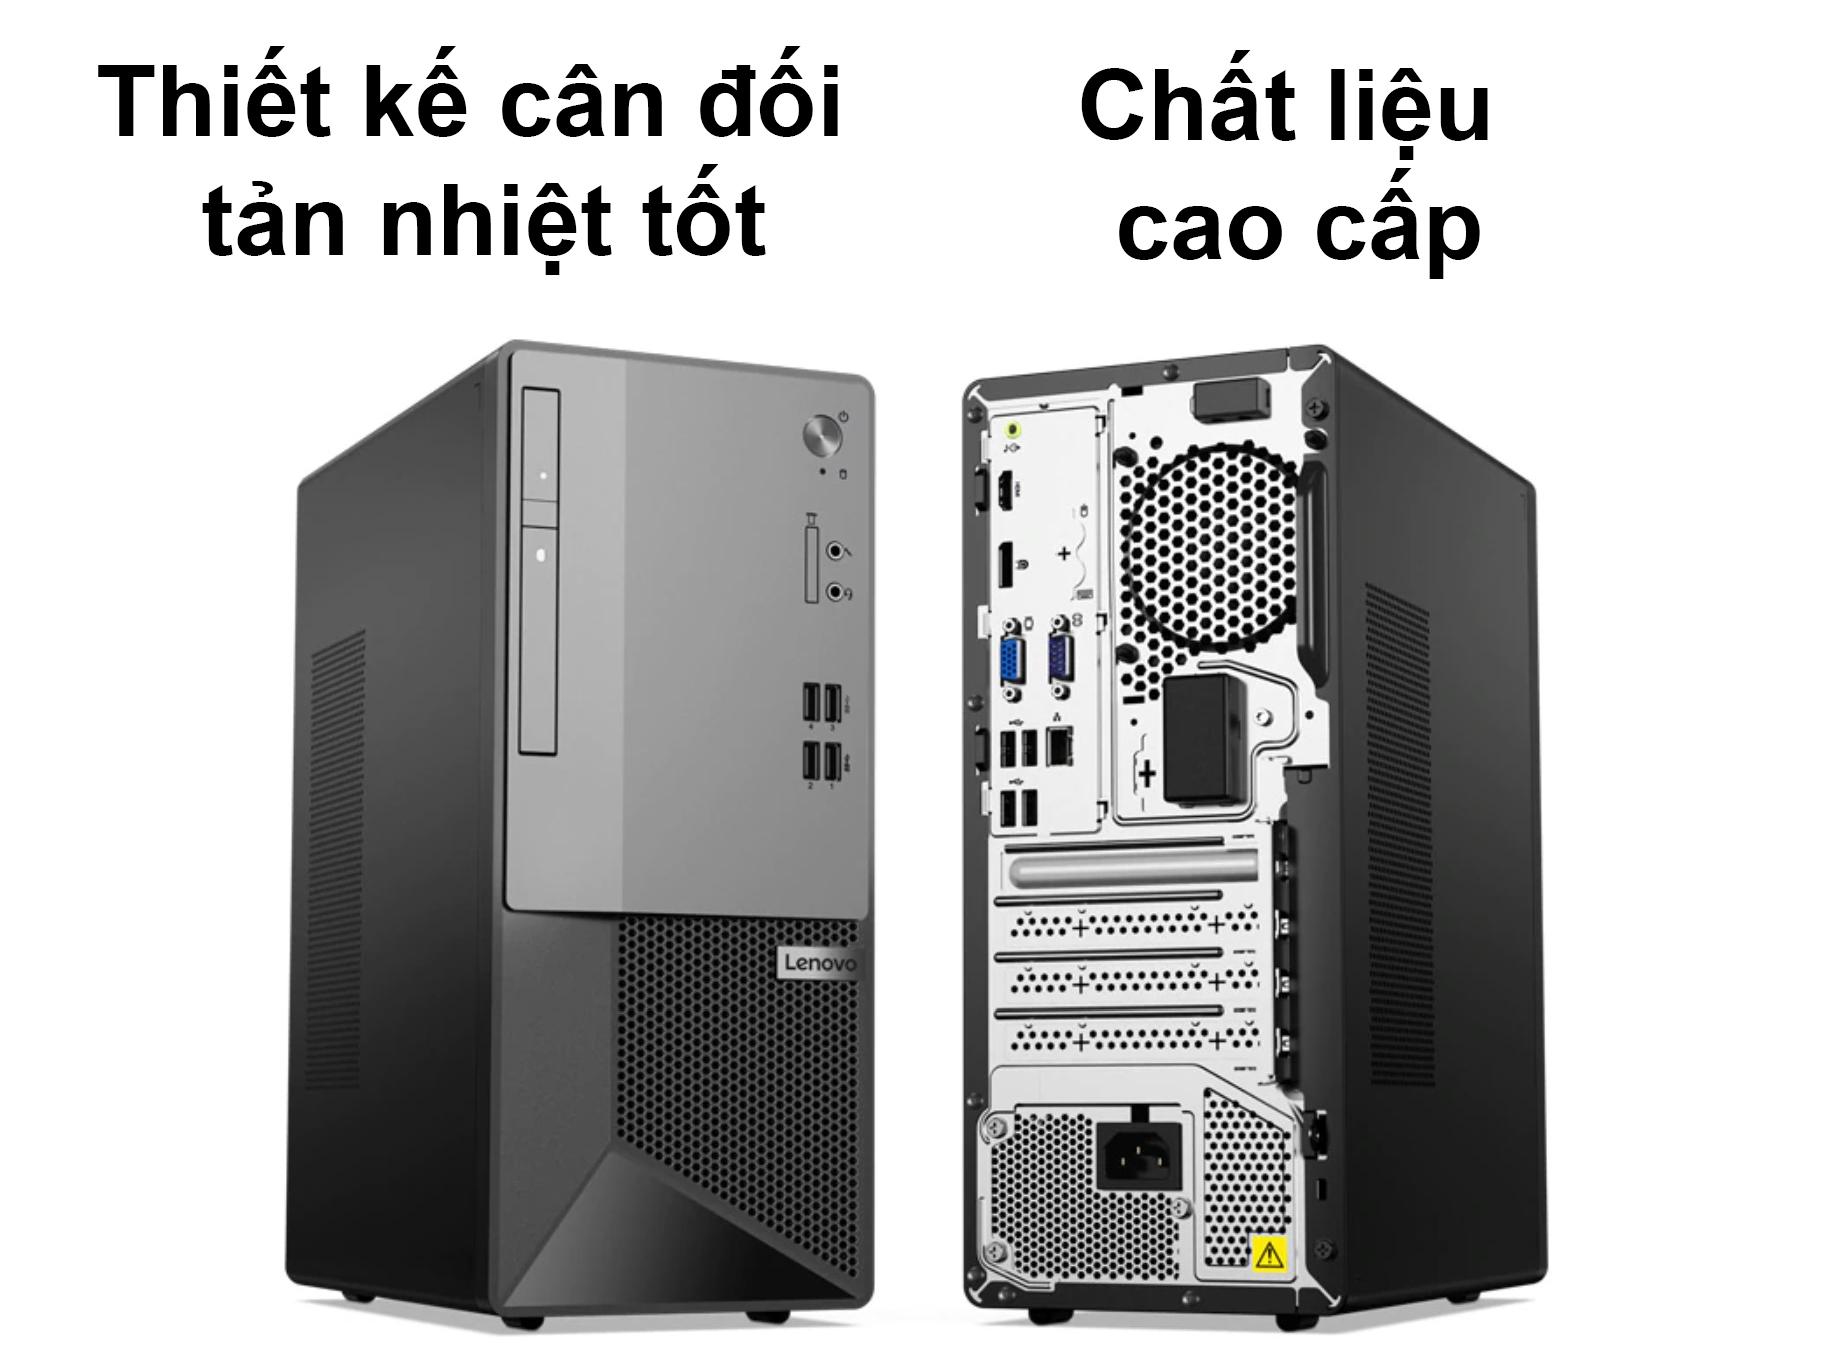 PC Lenovo V50t 13IMB | Thiết kế cân đôi, tản nhiệt cao cấp